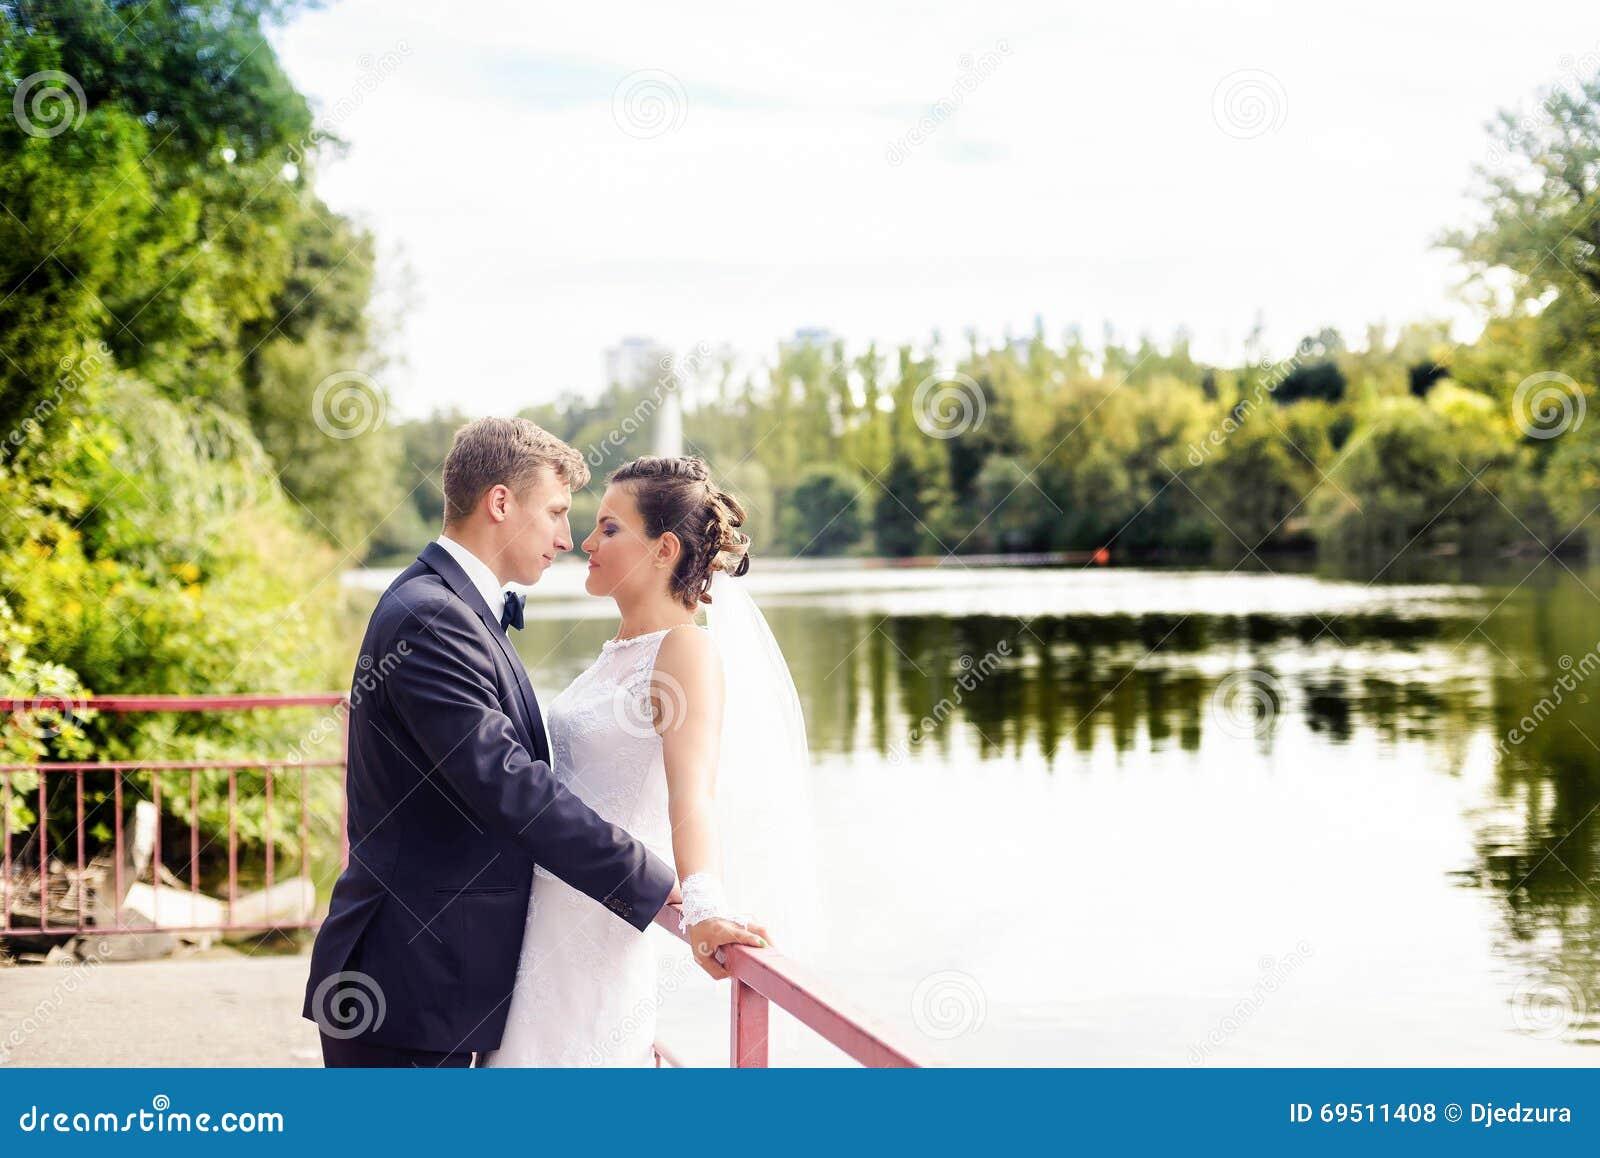 Встреча свадьбы в парке